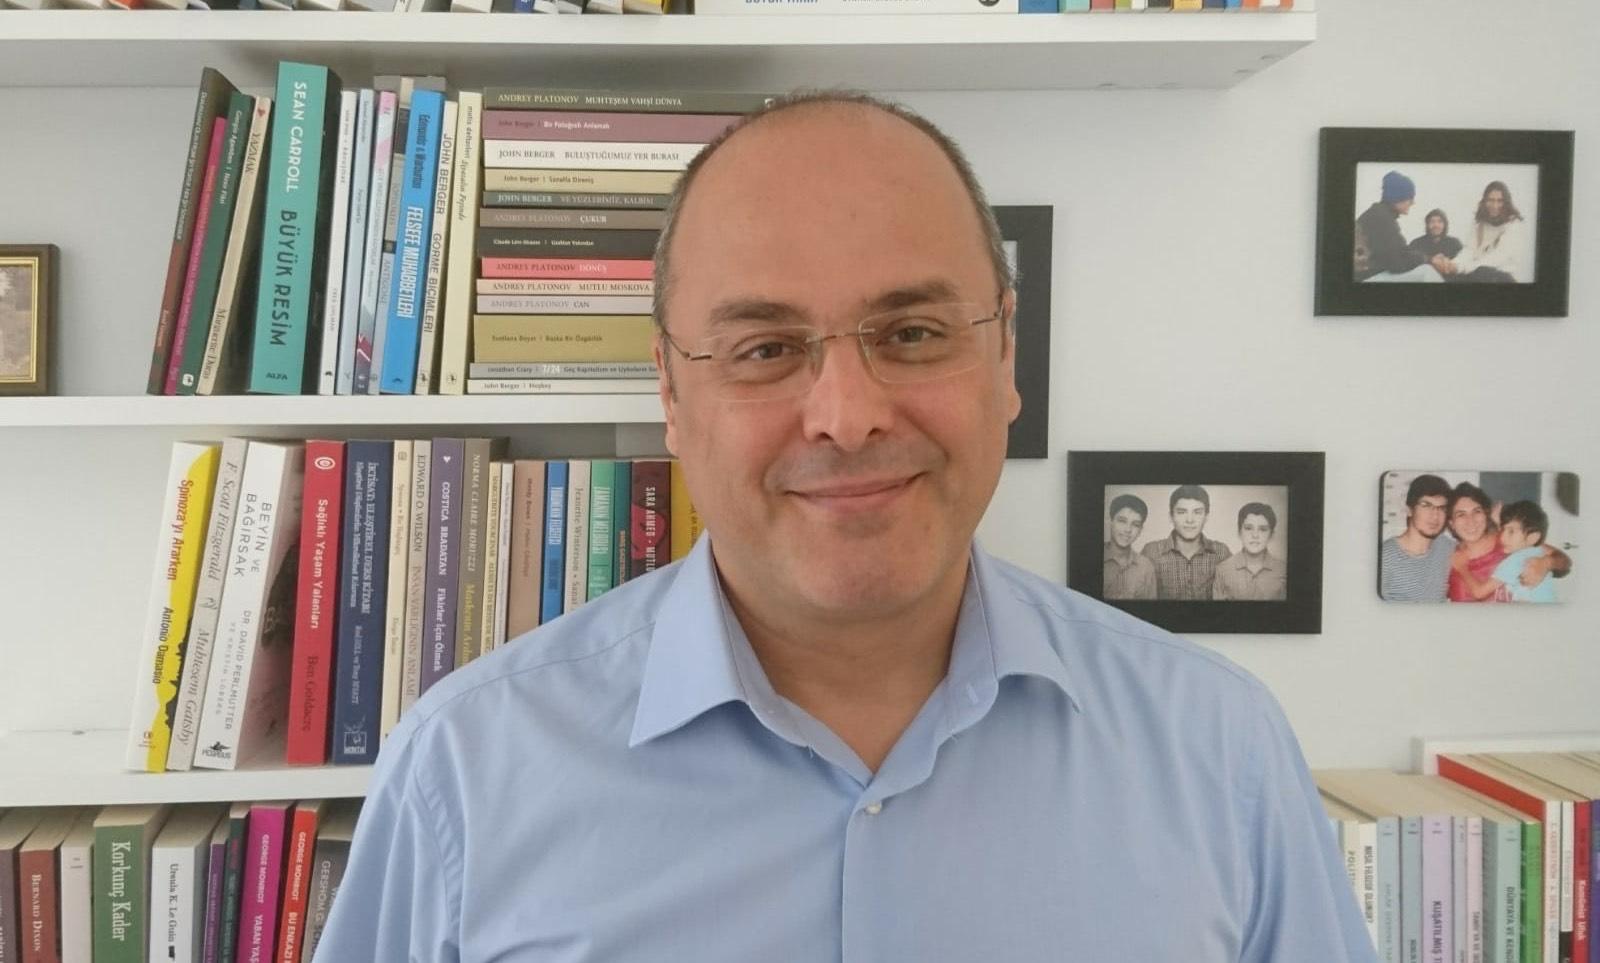 Food safety expert Bülent Şık appears in court for article series